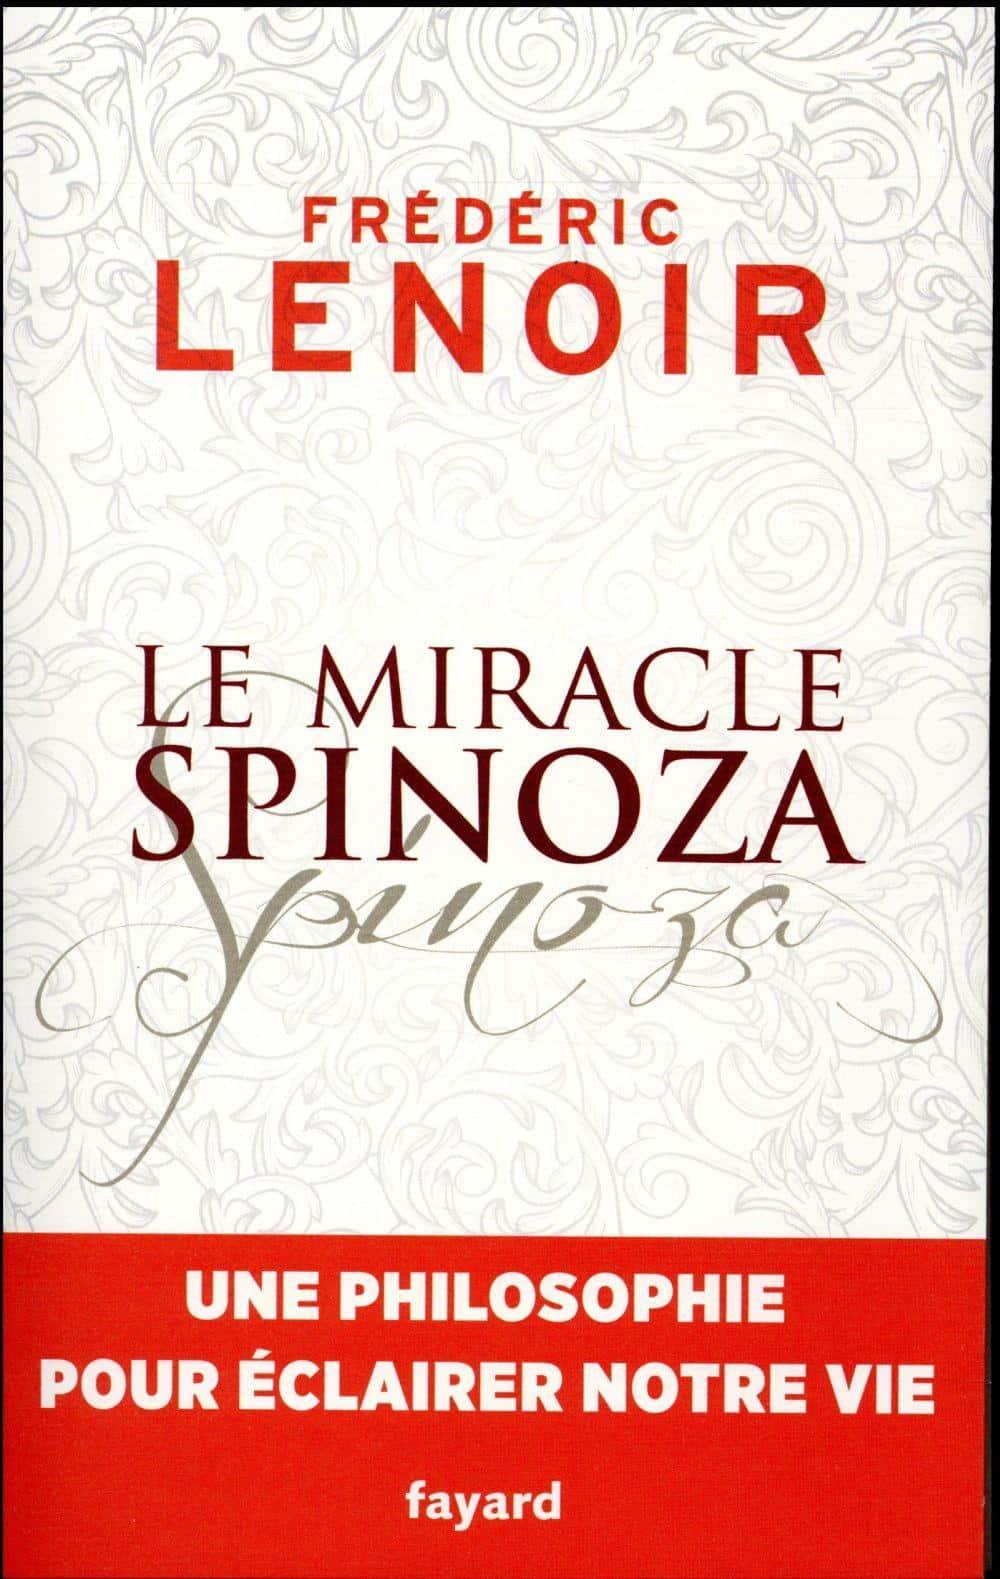 Livre Philosophique Sur La Vie : livre, philosophique, Meilleur, Livre, Philosophie